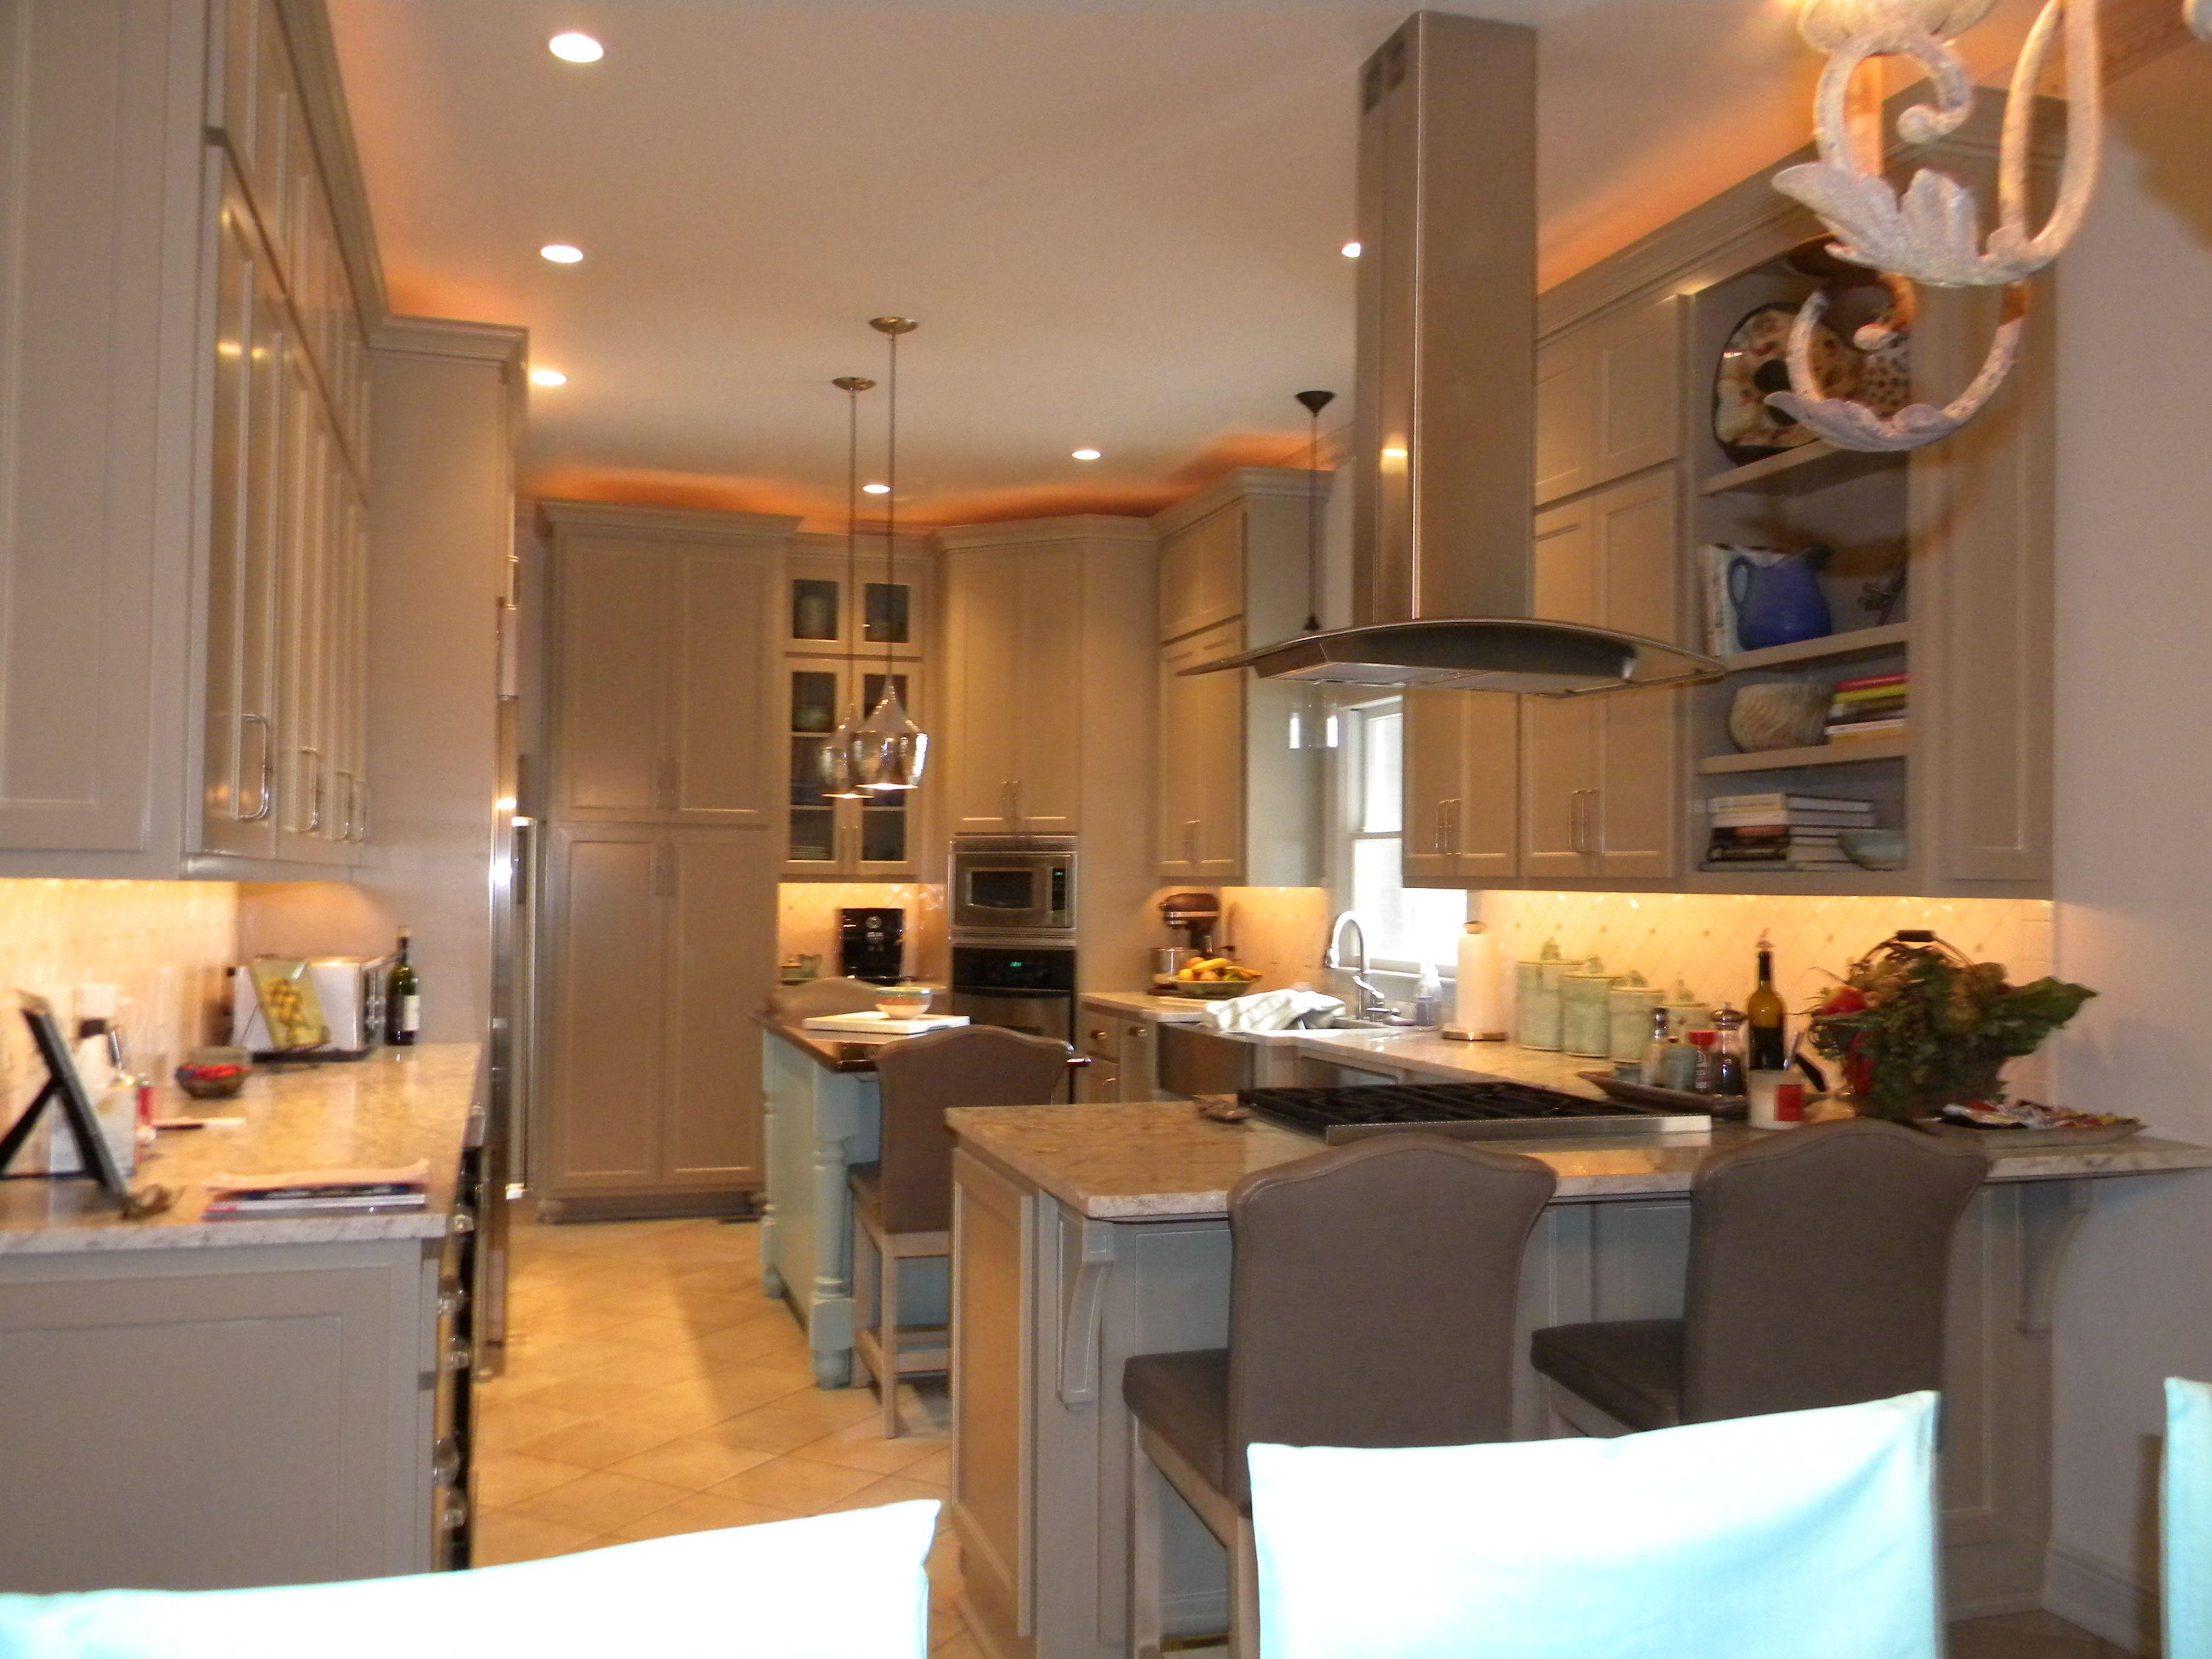 Morgan Kitchen Renovation | Home | Pinterest | Kitchens, Kitchen ...